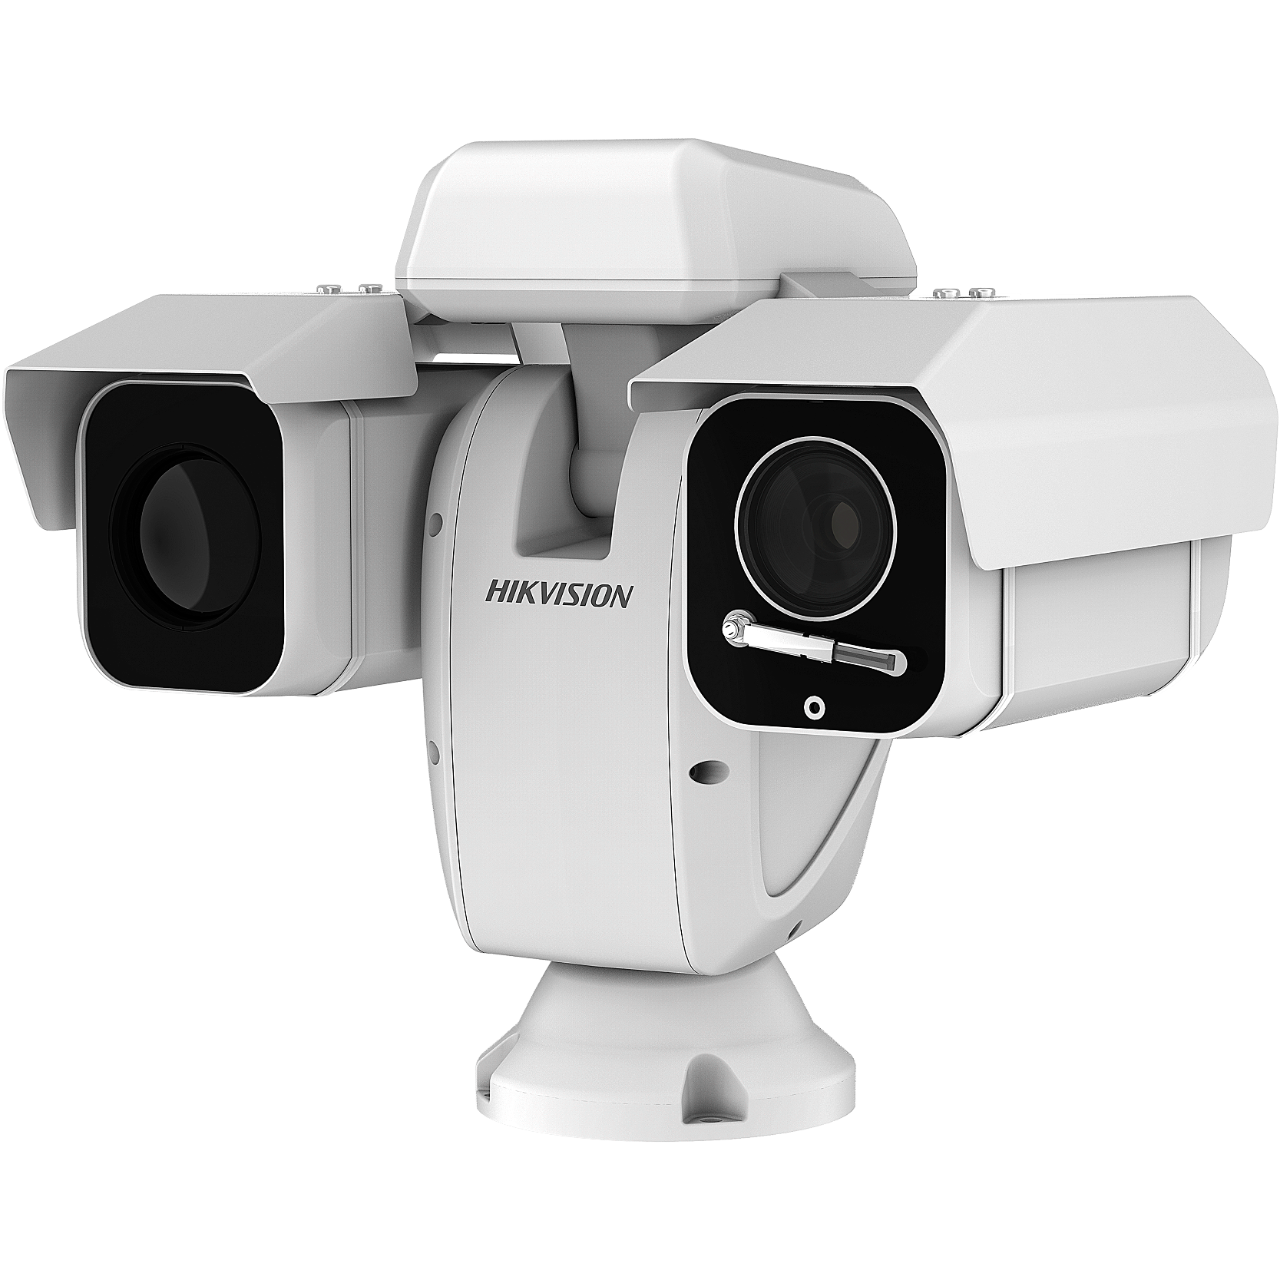 Εικόνα της DS-2TD6266T-25H2L  Thermographic Thermal & Optical 36x Bi-spectrum IP 5.7-205.2mm Positioning System Hikvision